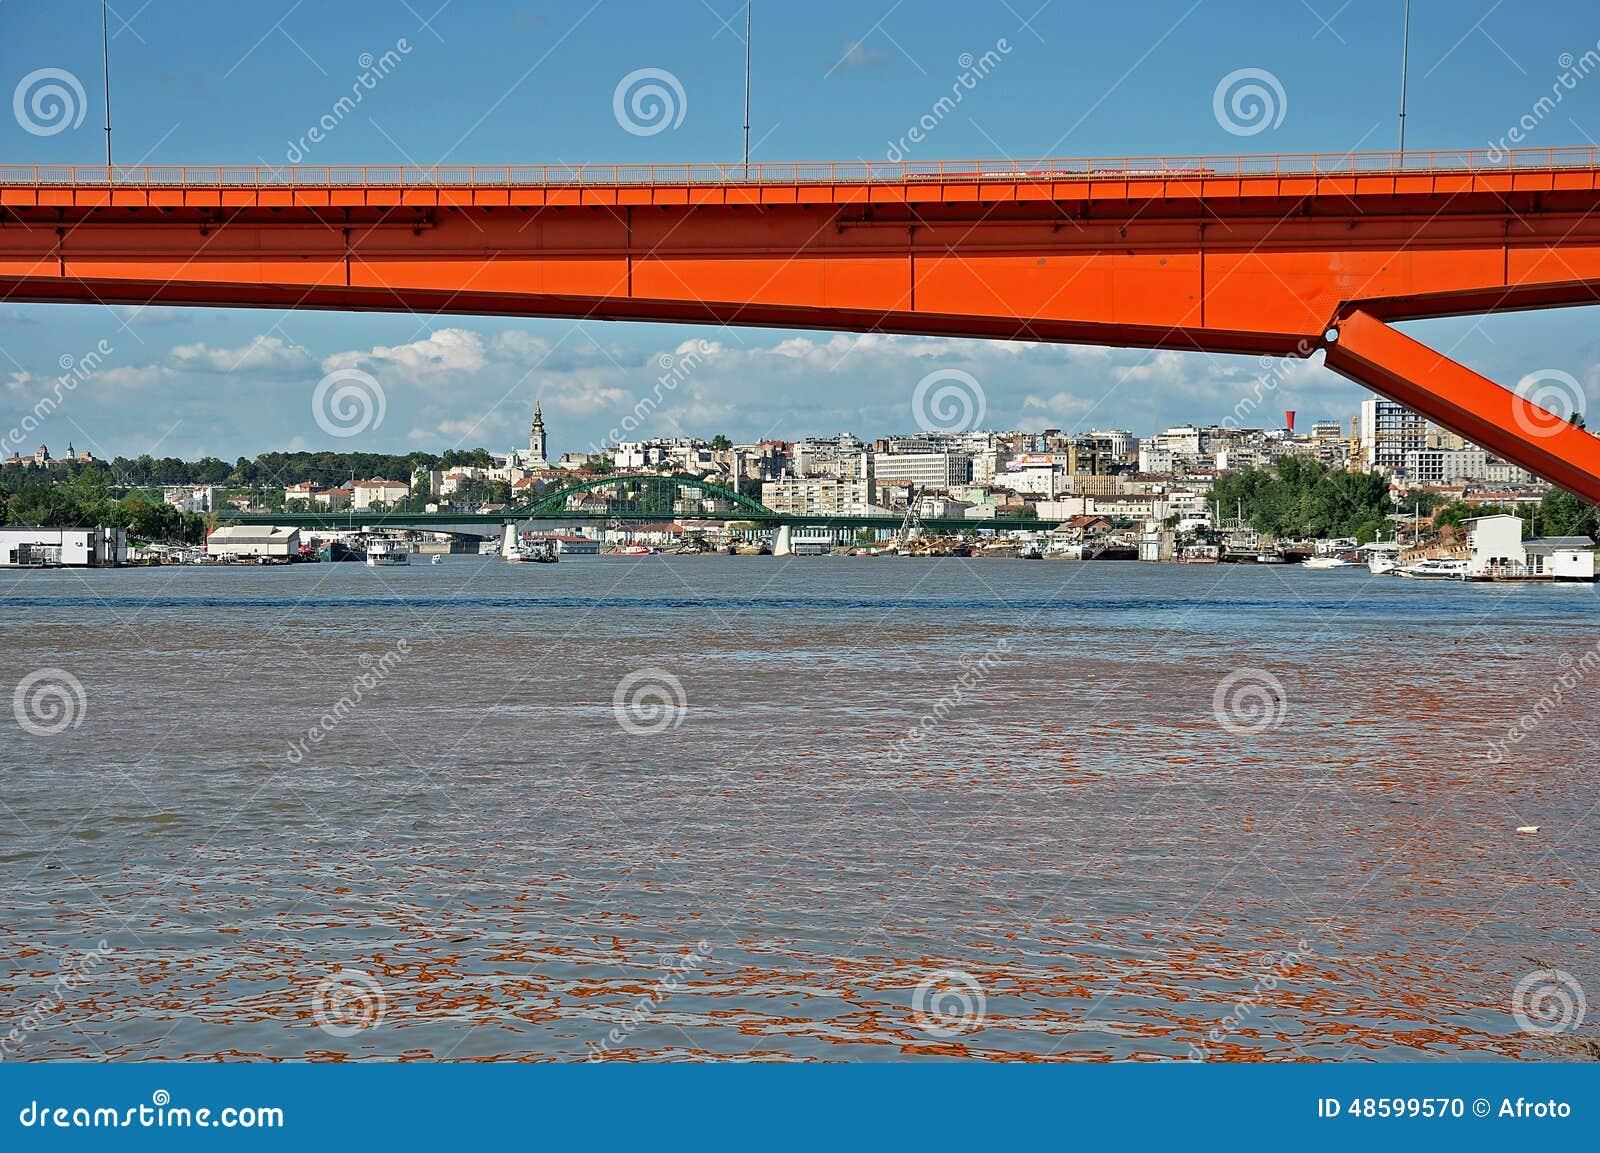 Red city bridge